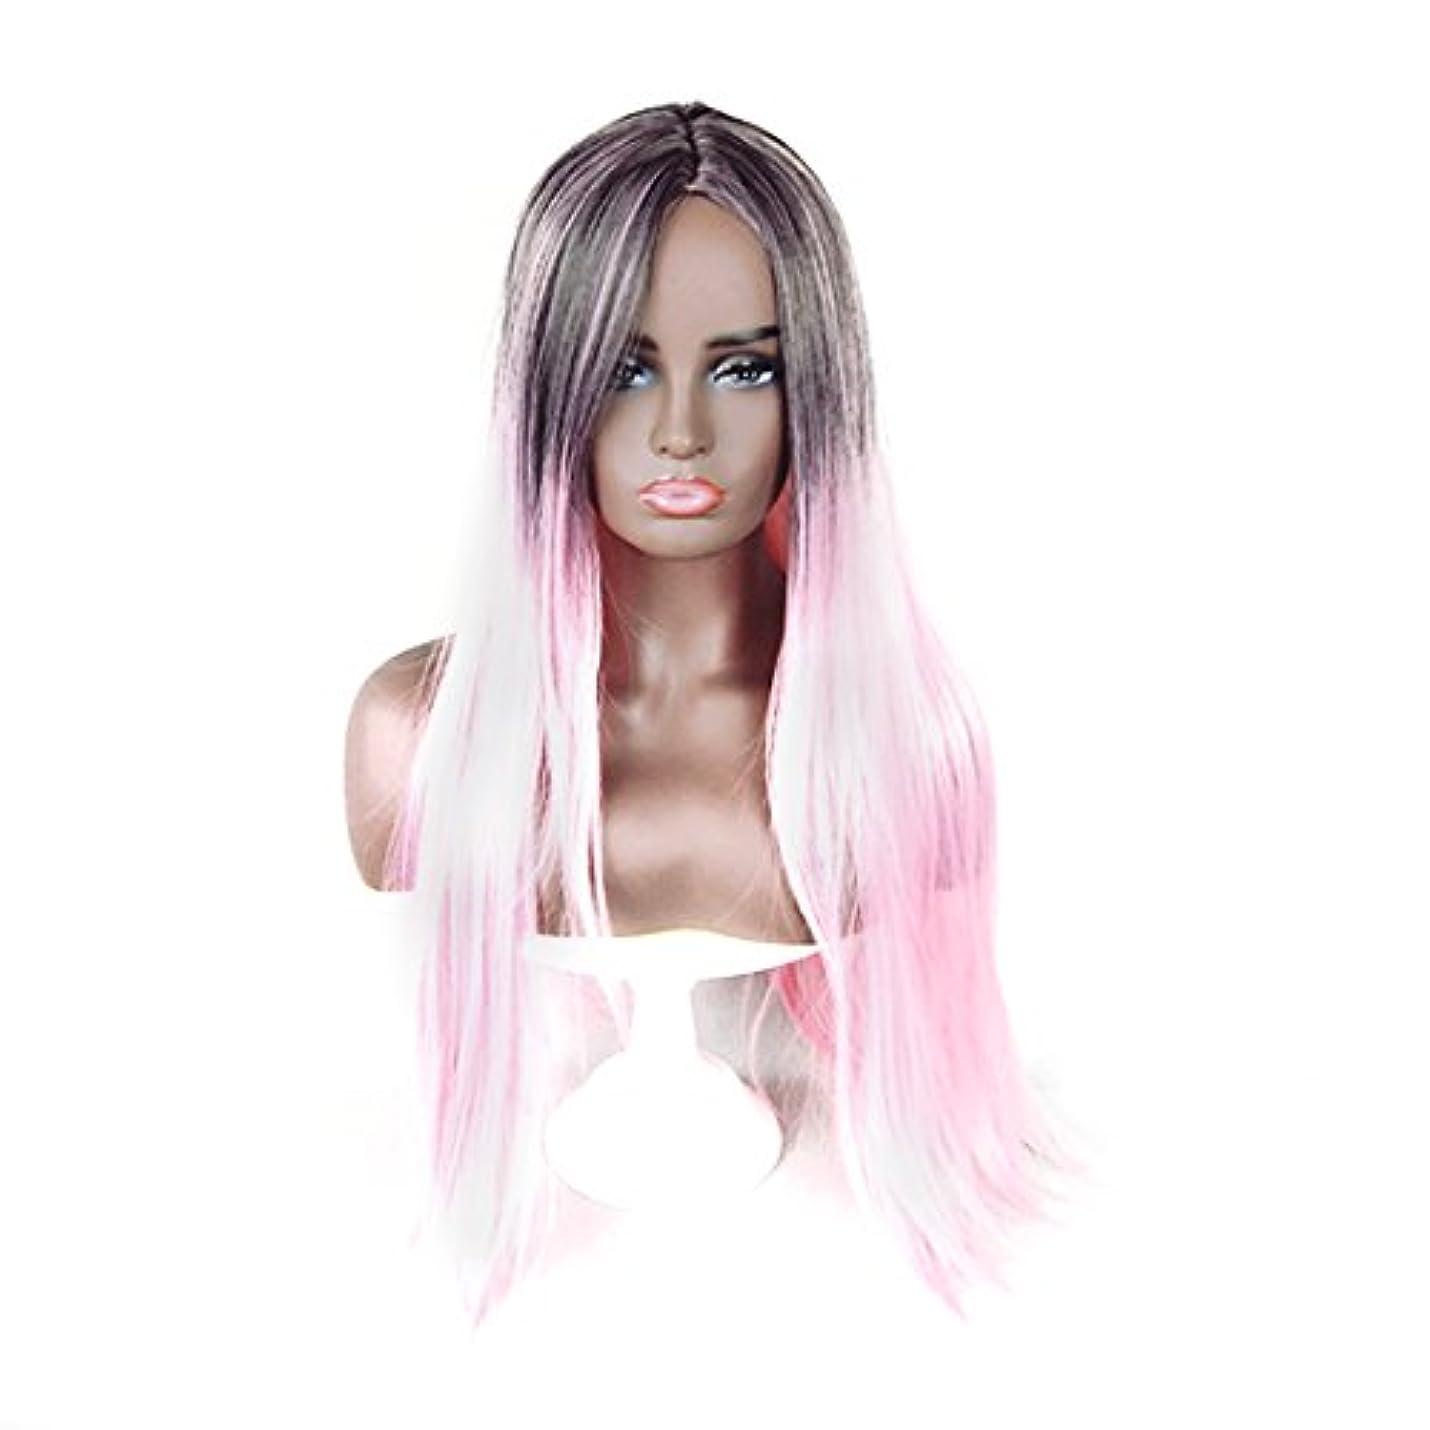 チョーク百年教養があるJIANFU 合成 長い ストレート ヘア カラー グラデーション フル ウィッグ女性 ロングバンズ 耐熱 コスプレ/パーティー (Color : Black Gradient Light Pink)